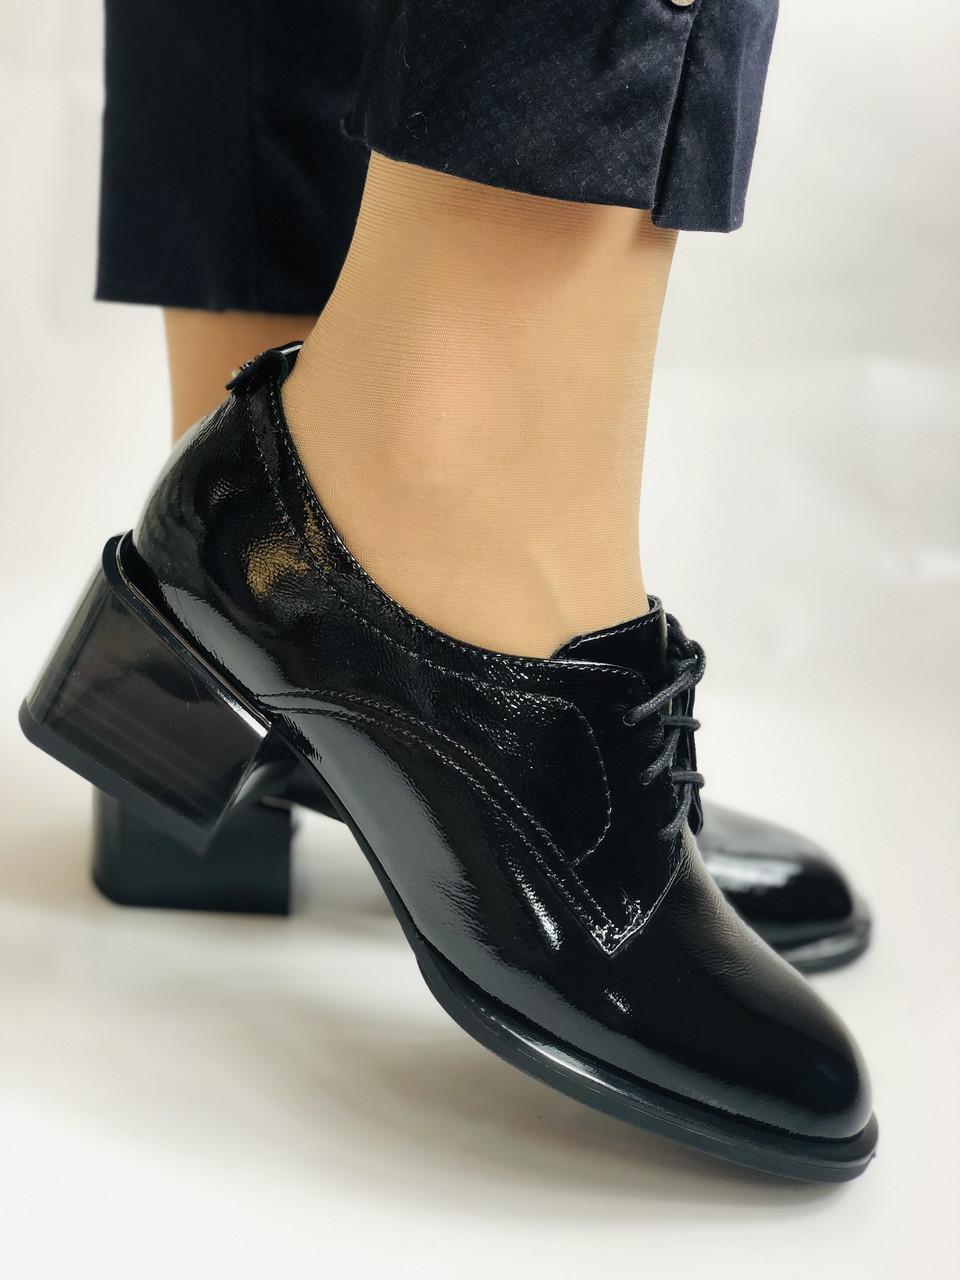 Женские осенние глубокие туфли. Натуральная лакированная кожа . Molka. 36,37,38,39,40,41